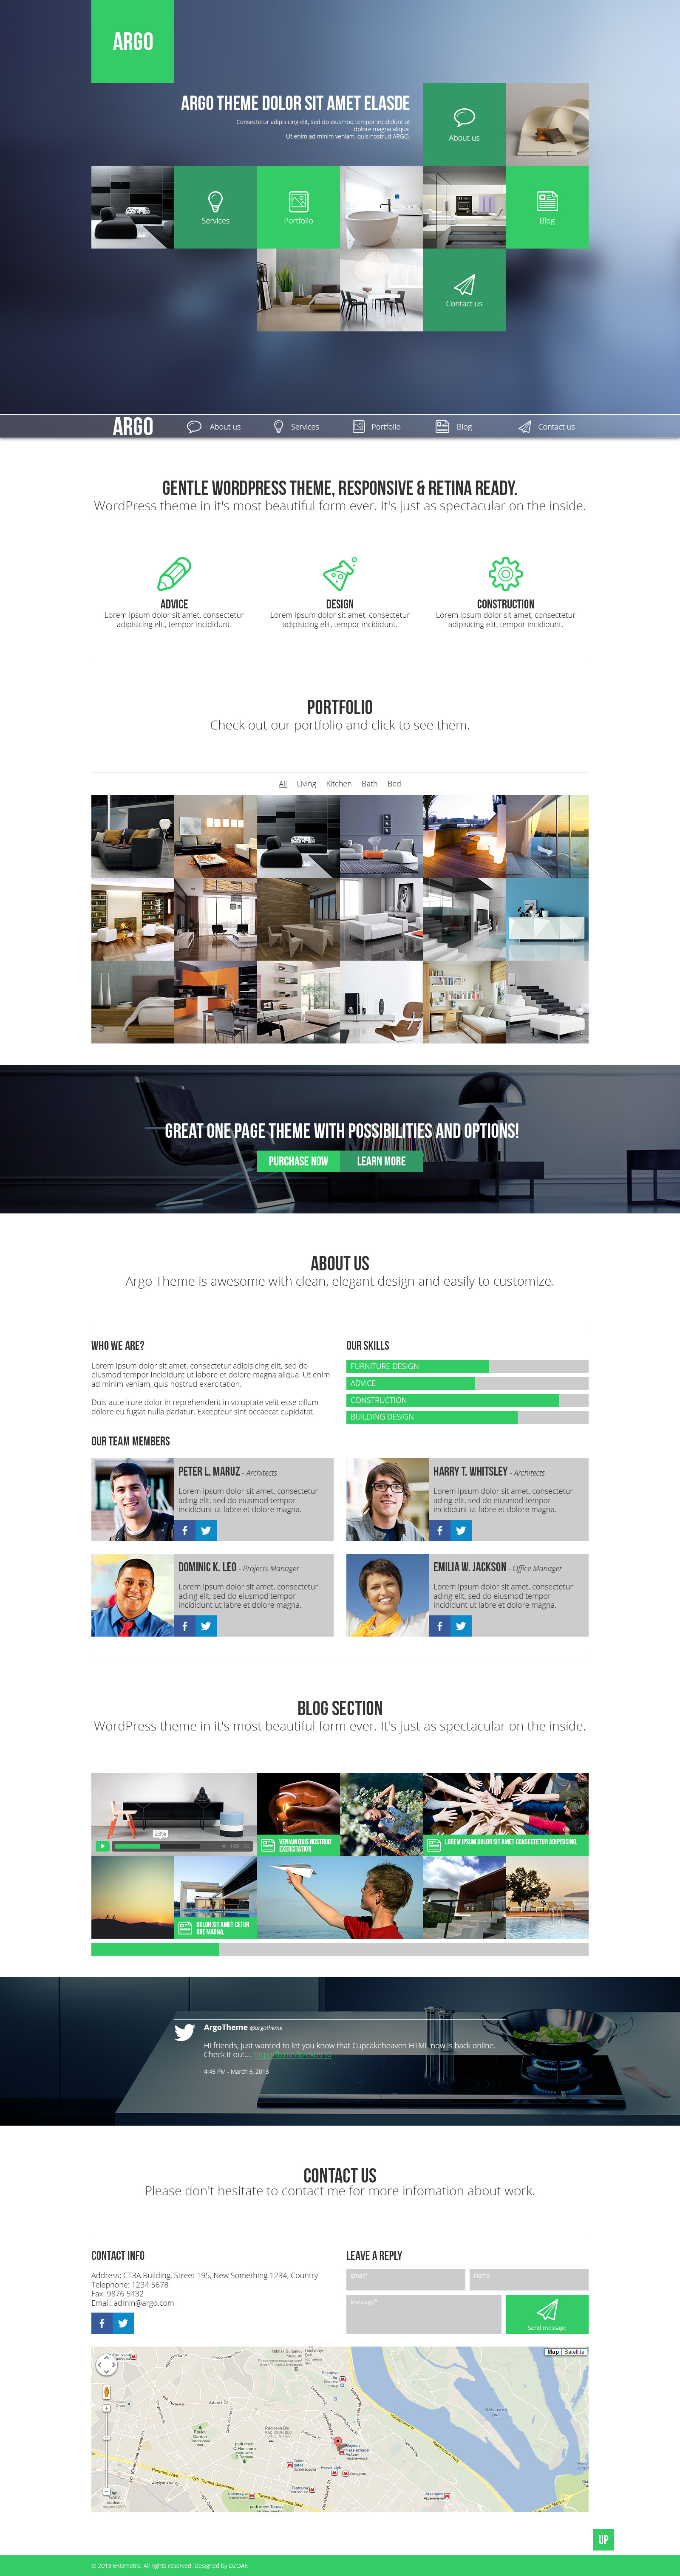 Argo - One Page Portfolio PSD Template by DZOAN | ThemeForest